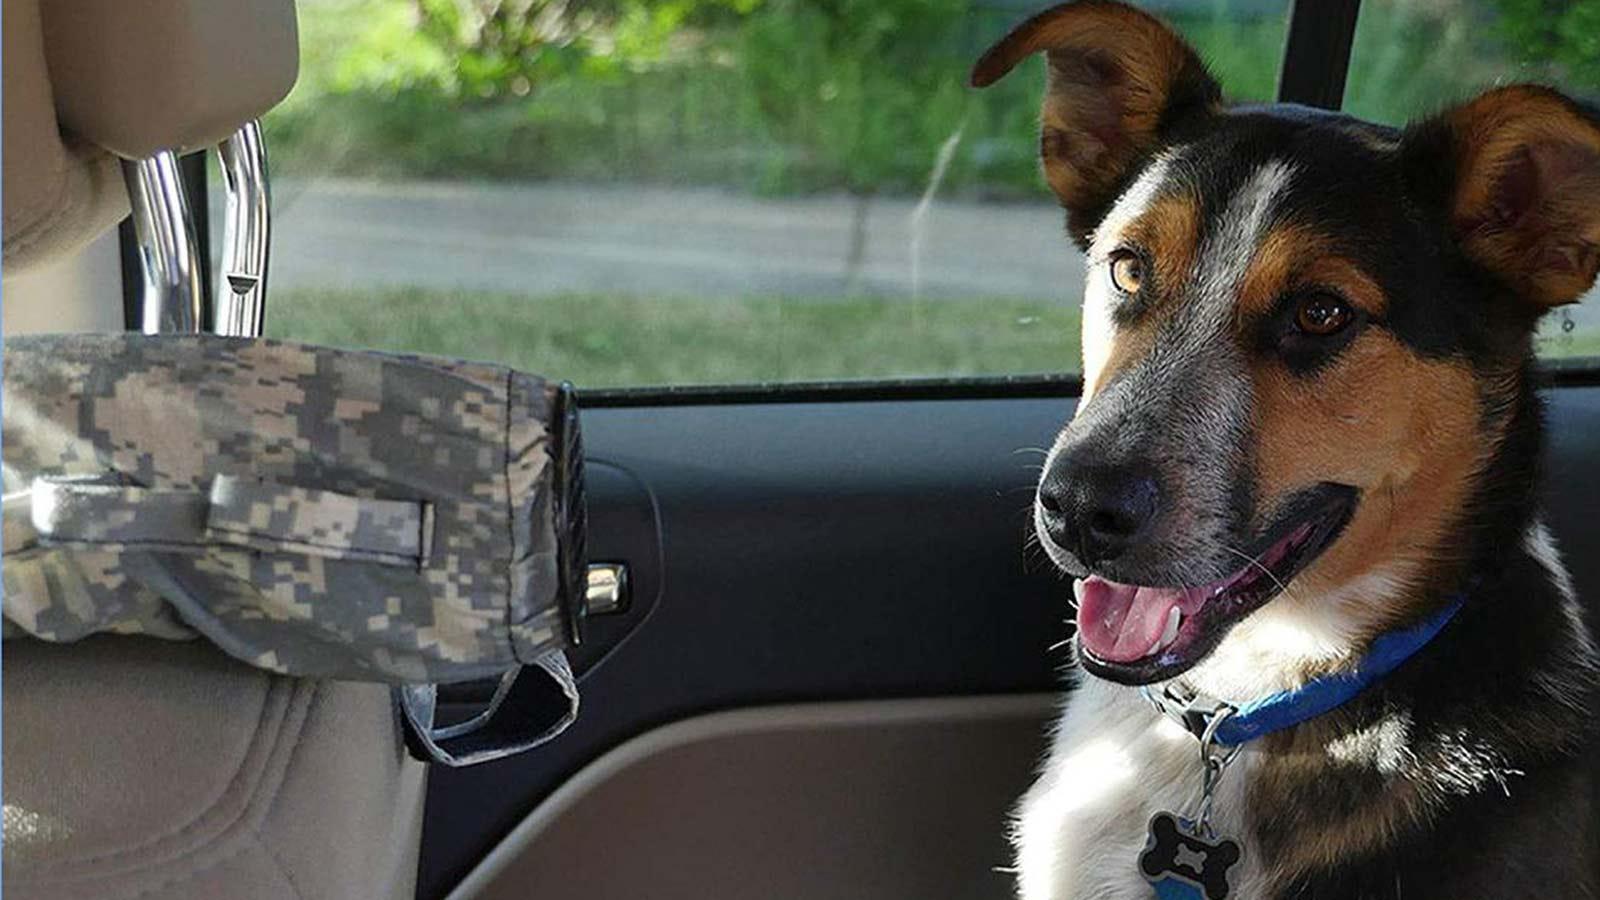 Un perro se sienta en el asiento trasero de un automóvil con un tubo extensor de aire acondicionado que empuja el cabello frío hacia él.